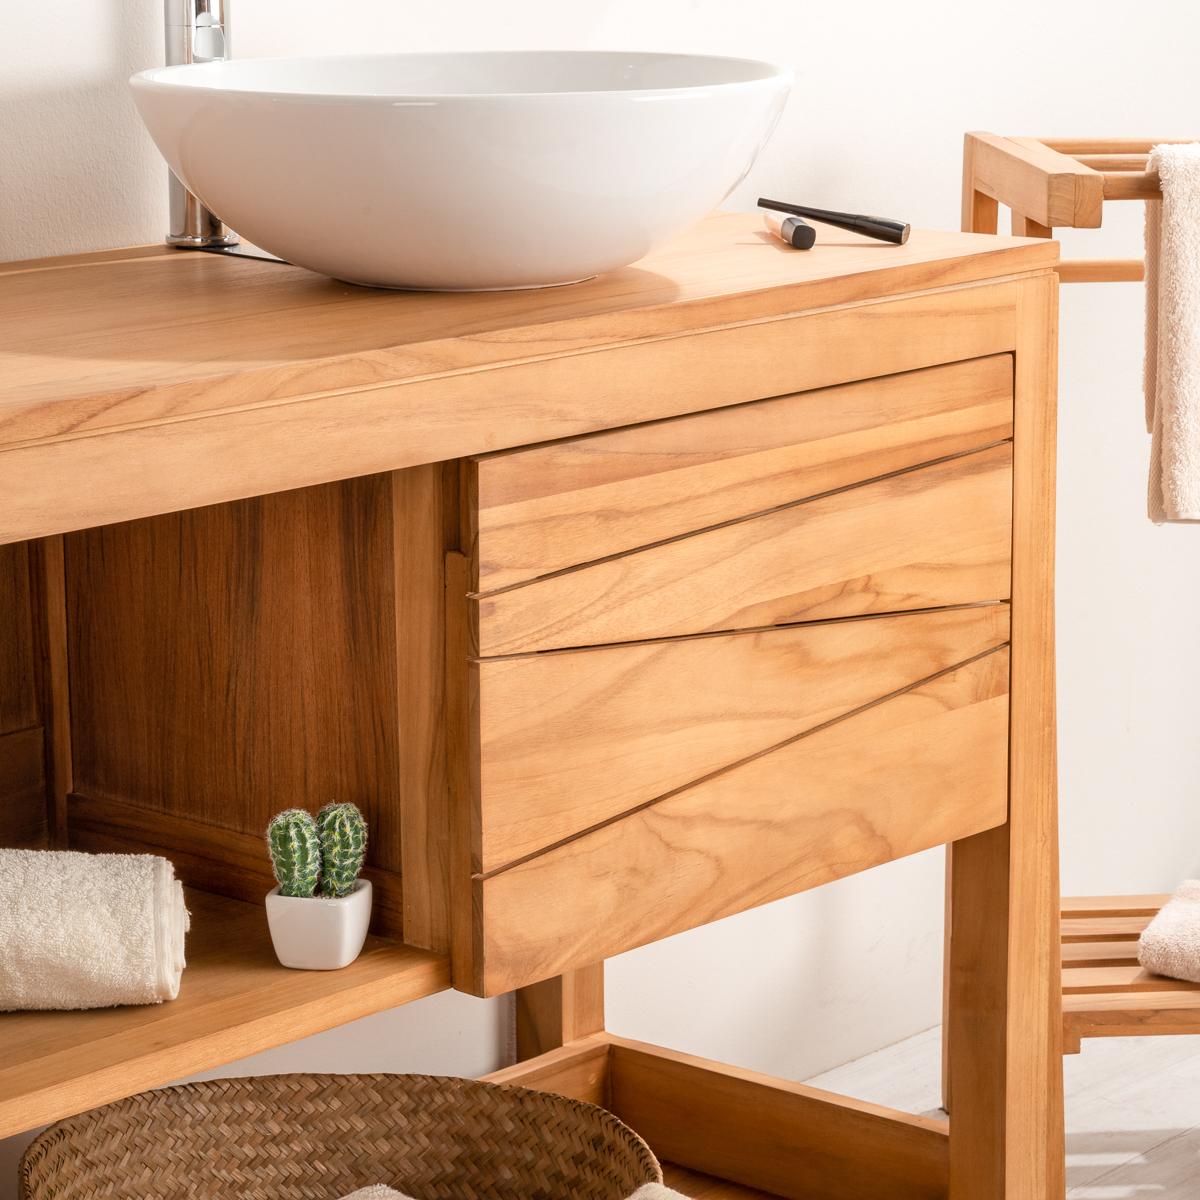 Meuble sous vasque double vasque en bois teck massif for Meuble salle de bain 160 cm